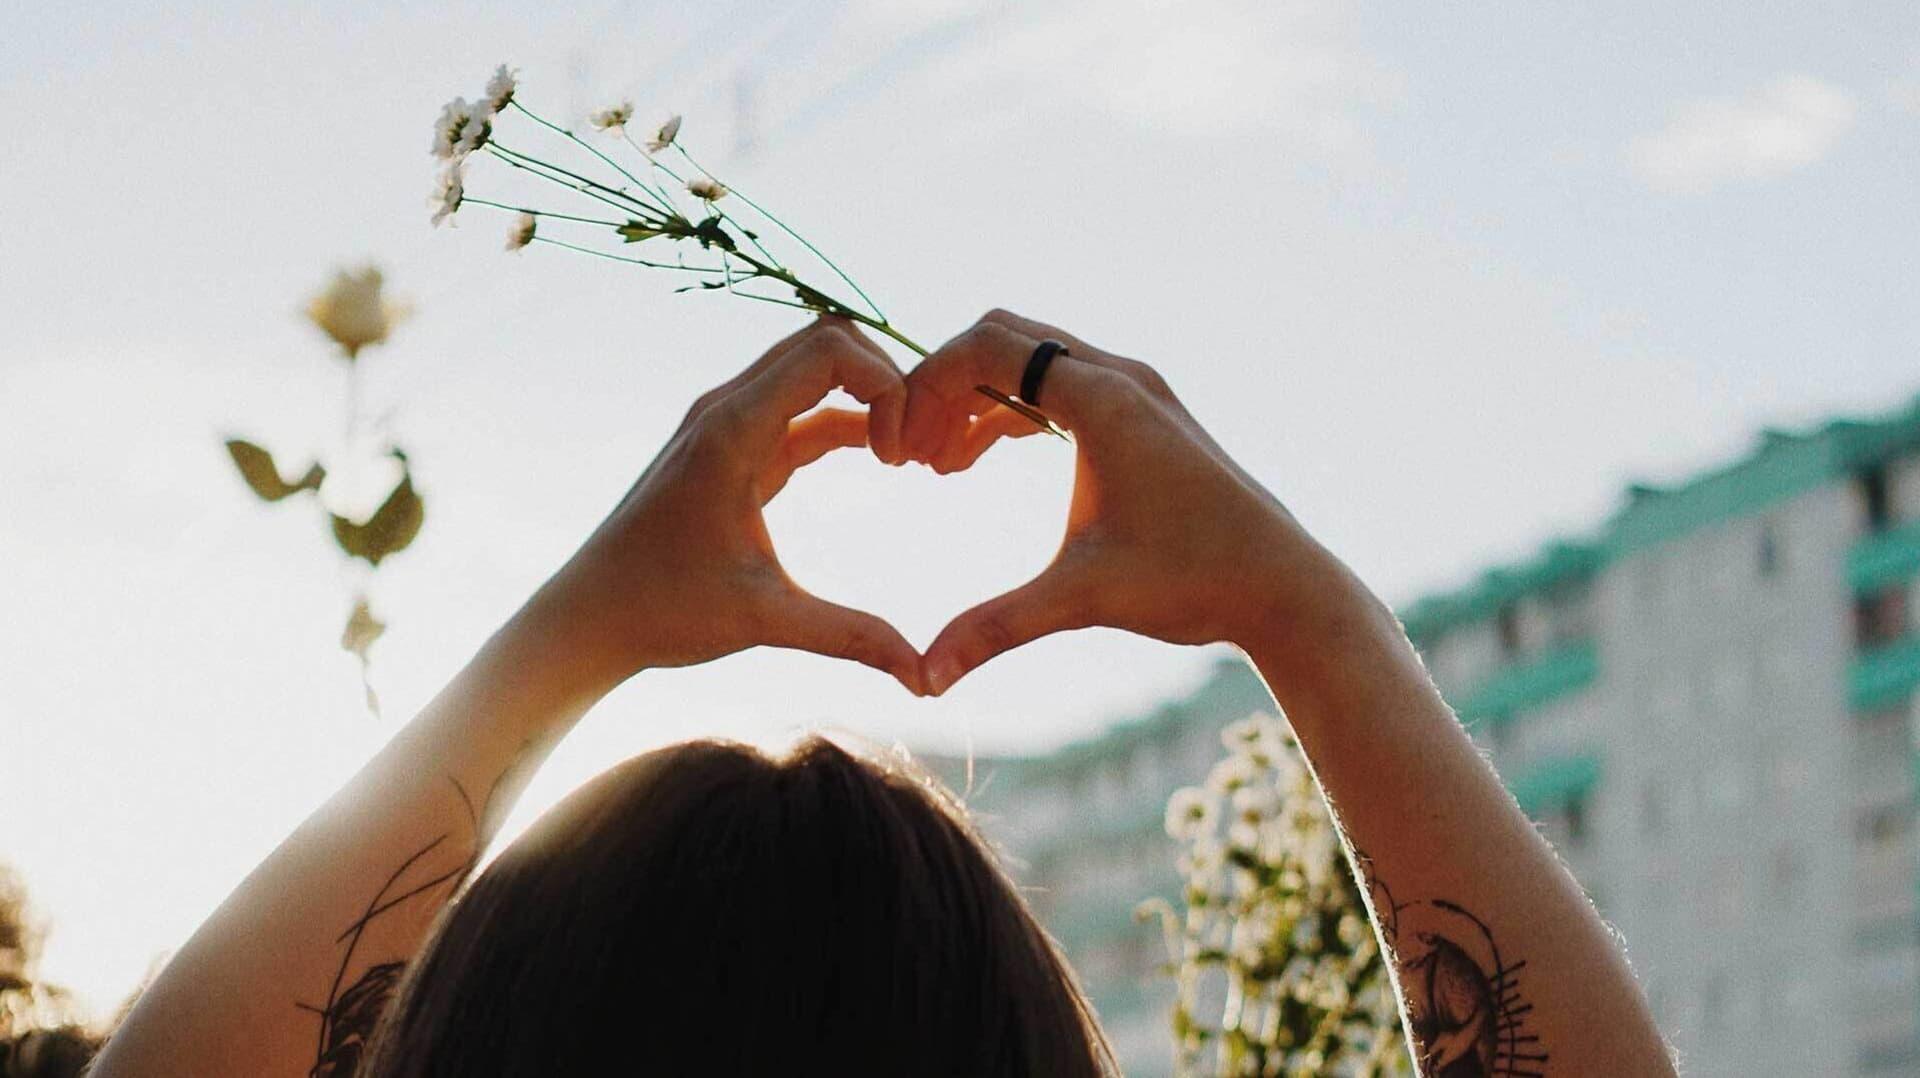 Frau formt Herz mit ihren Händen